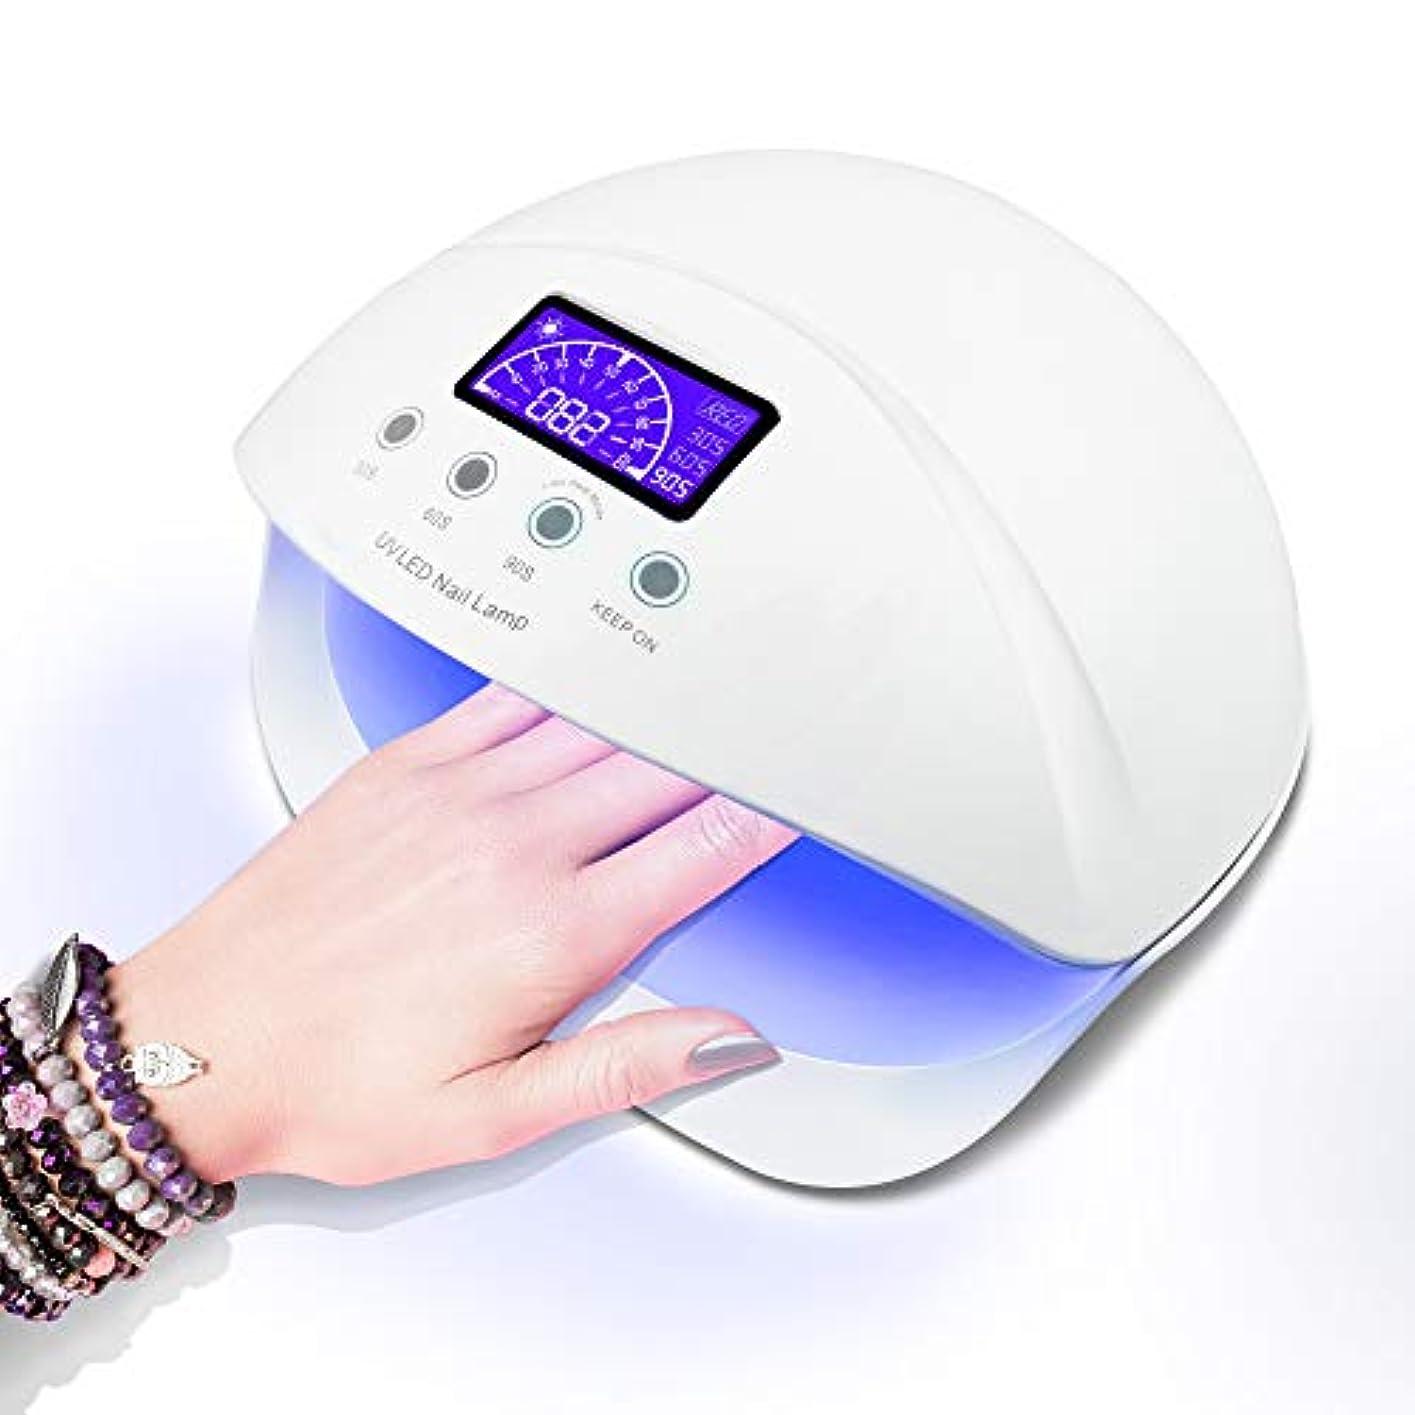 解釈的事件、出来事麦芽LED ネイルドライヤー UVネイルライト 50W ハイパワー ジェルネイルライト 肌をケア センサータイマー付き UVライト 速乾UV ネイル ハンドフット両用  ネイル led ライト [日本語取扱説明書付き]